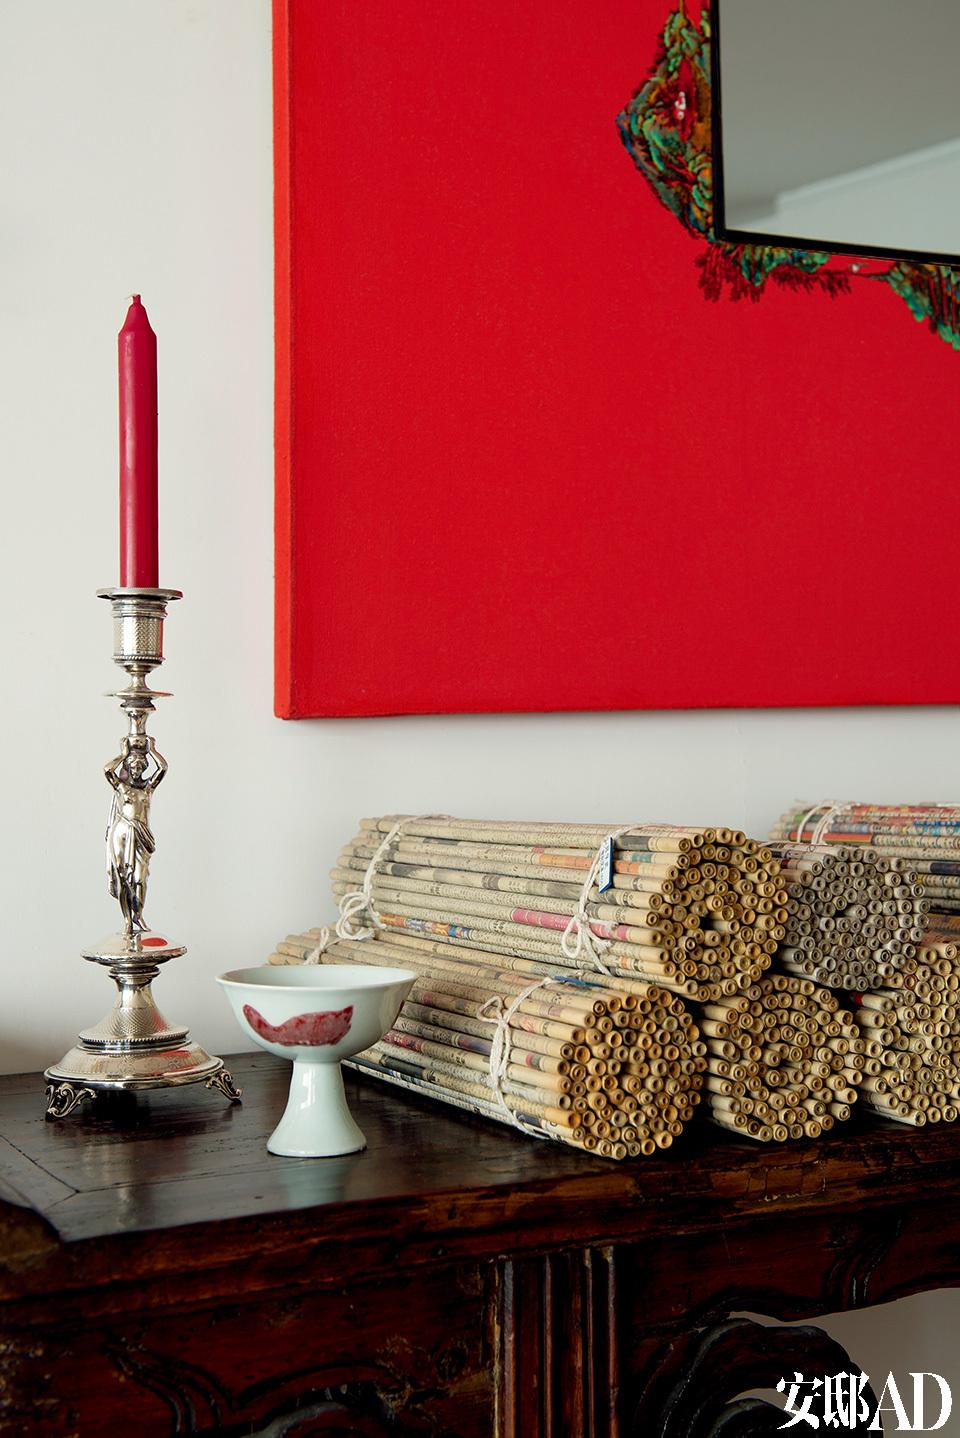 客厅的一座木质古董条案上摆着来自郑学武的装置作品《世纪文本》,由报纸制成,银质人像烛台是18世纪的古董,Sylvia从曾祖辈继承而来。